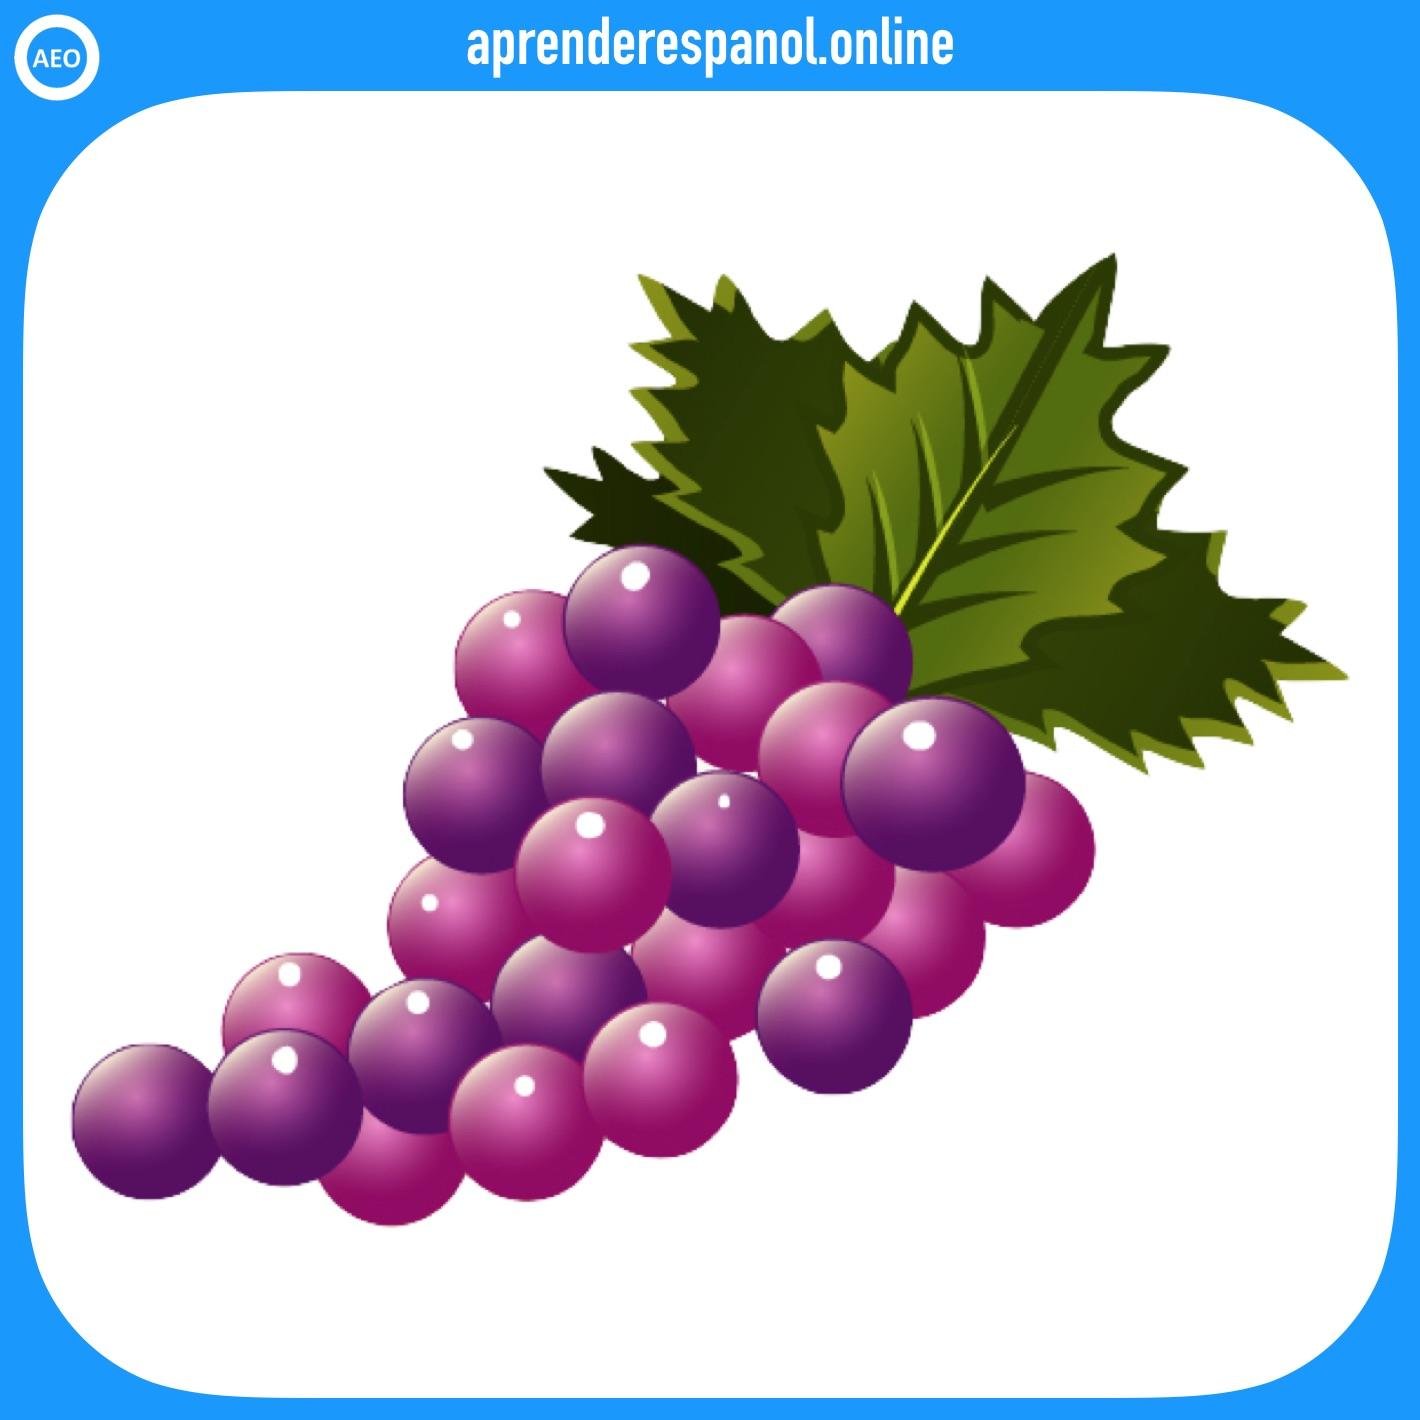 uva - frutas en español - vocabulario de las frutas en español